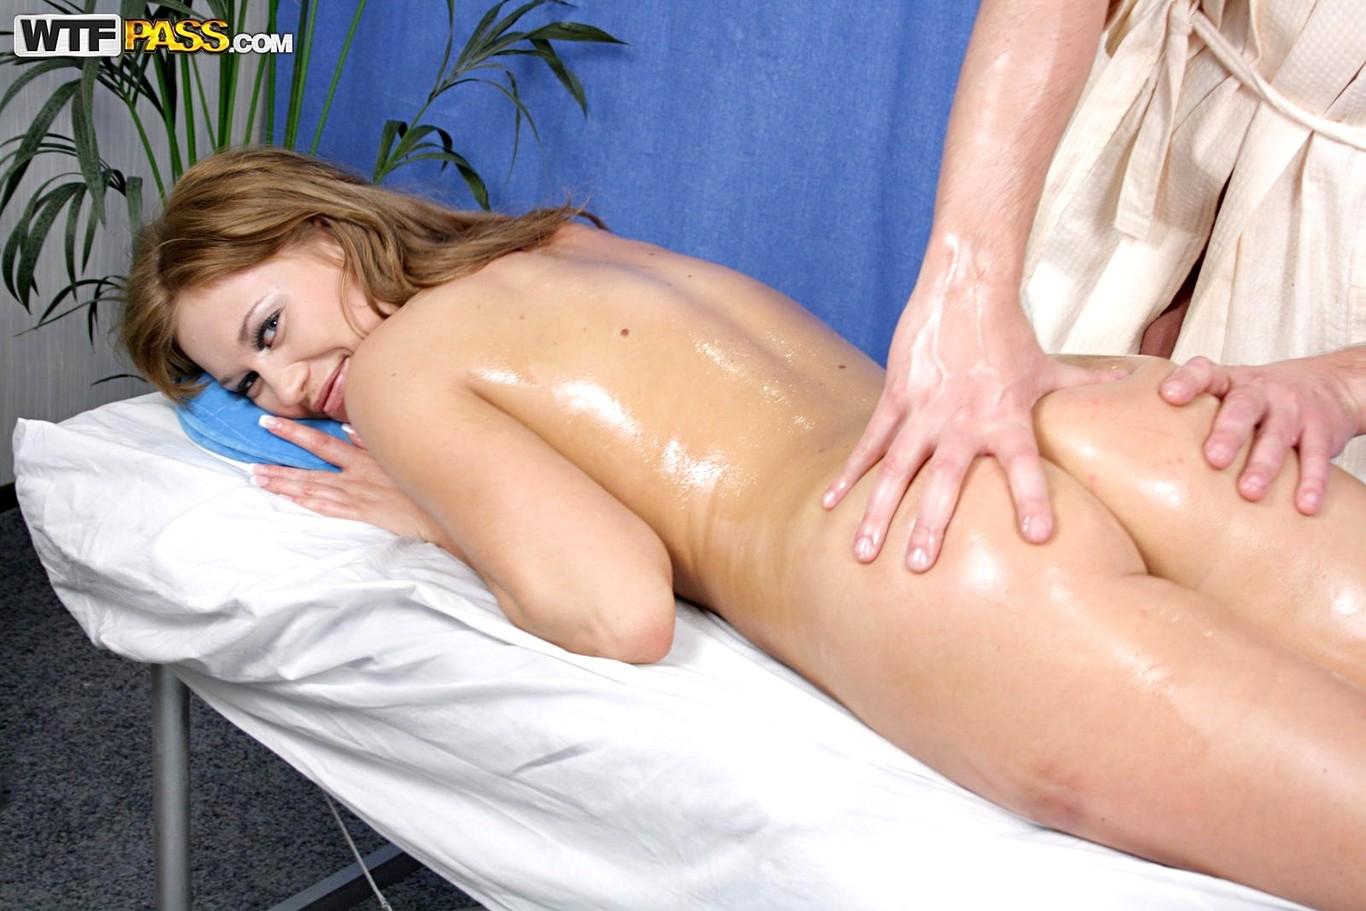 vnuchka-massazh-porno